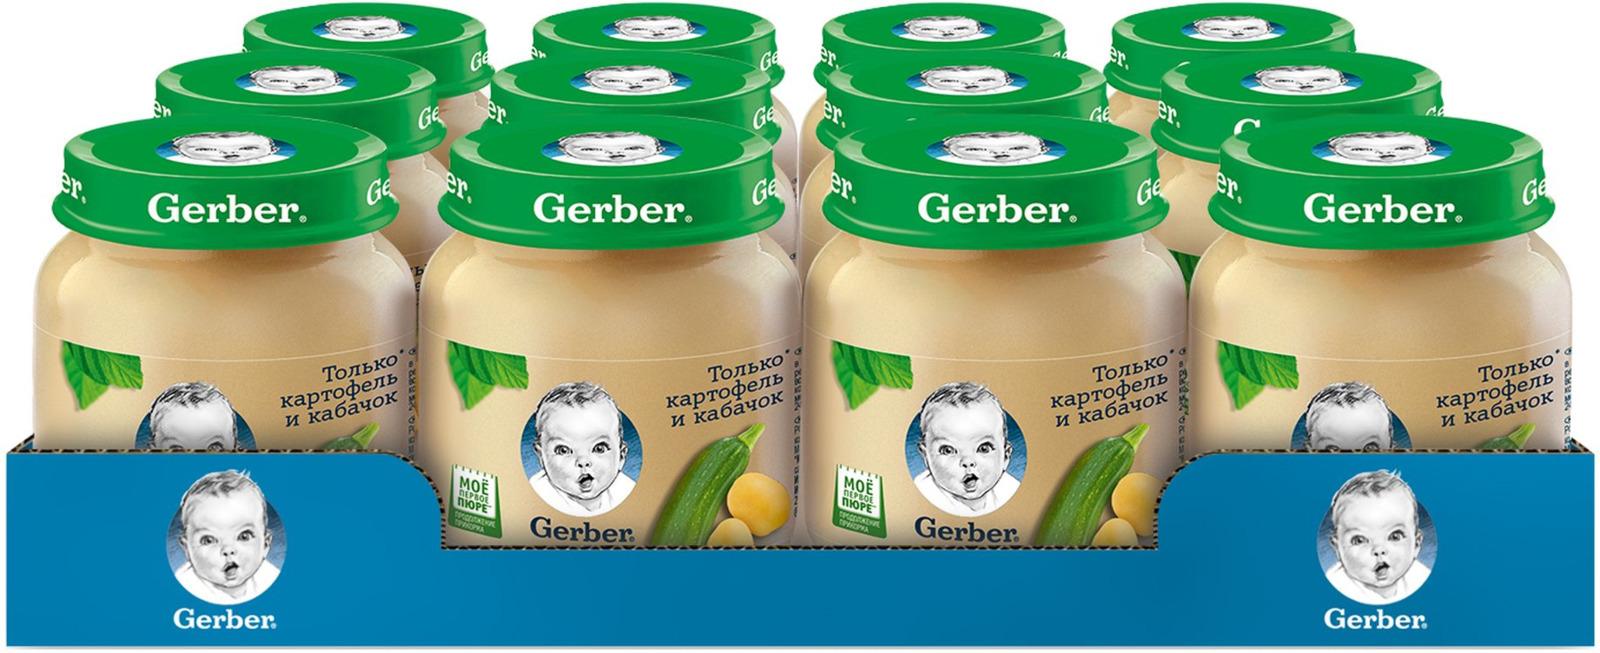 Gerber пюре Картофель Кабачок с 5 месяцев, 12 шт по 130 г gerber пюре картофель кабачок с 5 месяцев 12 шт по 130 г